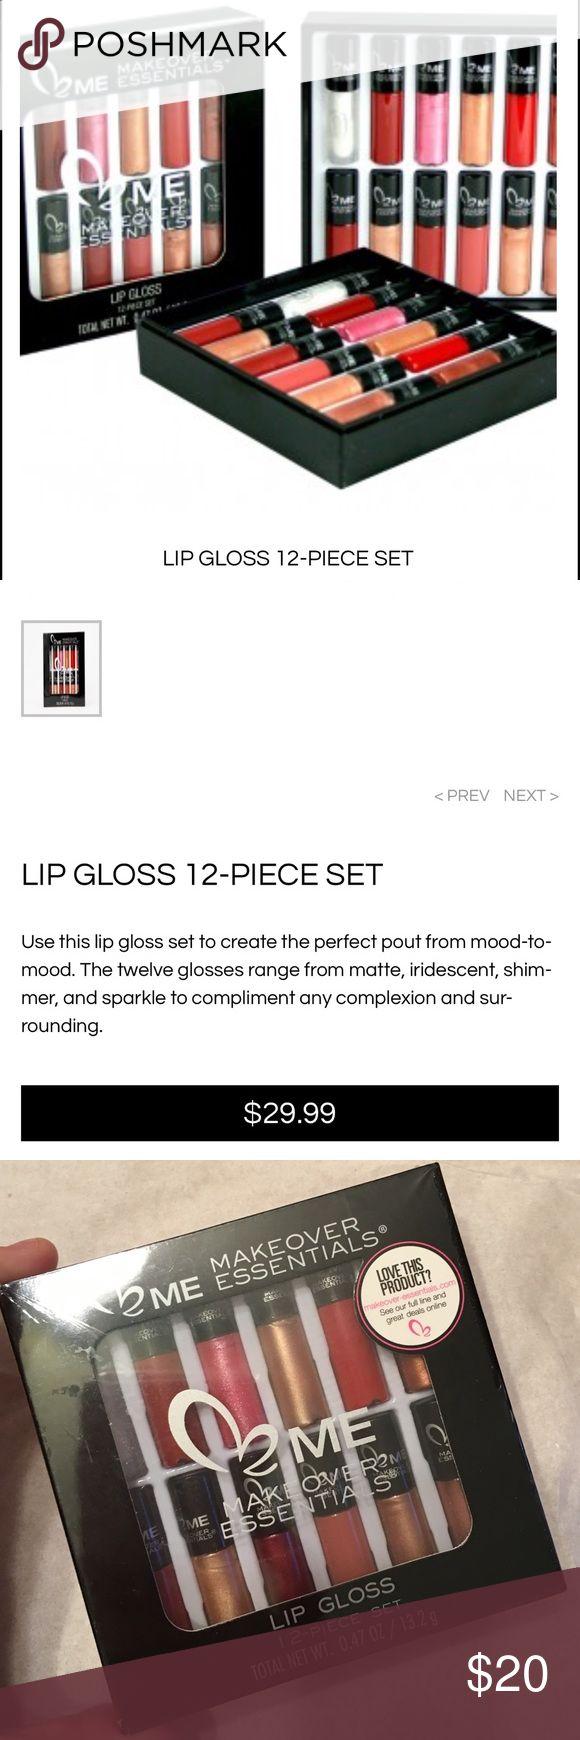 Makeover Essentials Makeup Reviews: SALE‼️NWT Makeover Essentials Lip Gloss 12 Pieces NWT